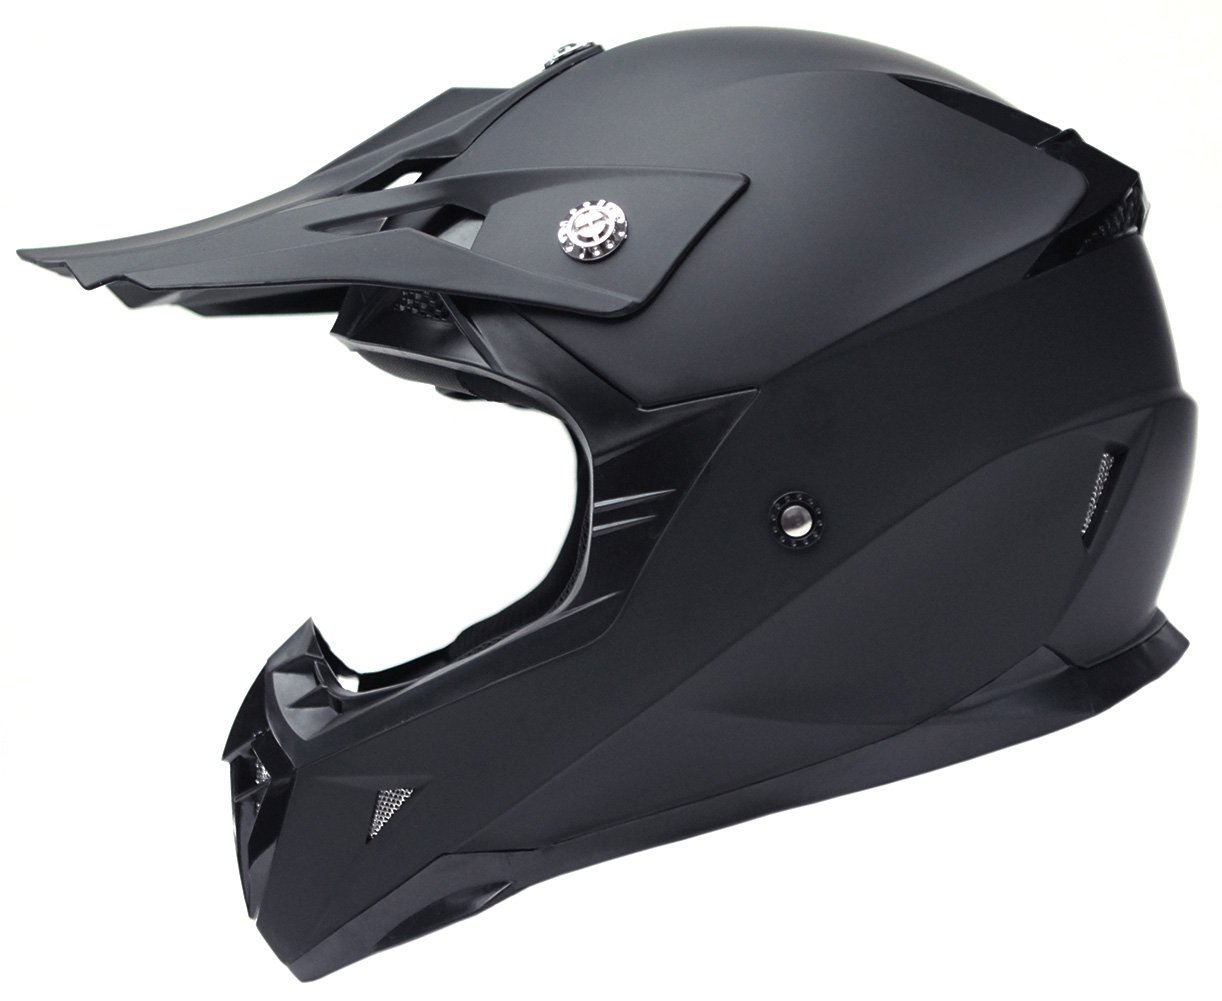 Motorcycle Motocross ATV Helmet DOT Approved - YEMA YM-915 Motorbike Moped Full Face Off Road Crash Cross Downhill DH Four Wheeler MX Quad Dirt Bike Helmet for Adult Men Women - Matte Black,Large